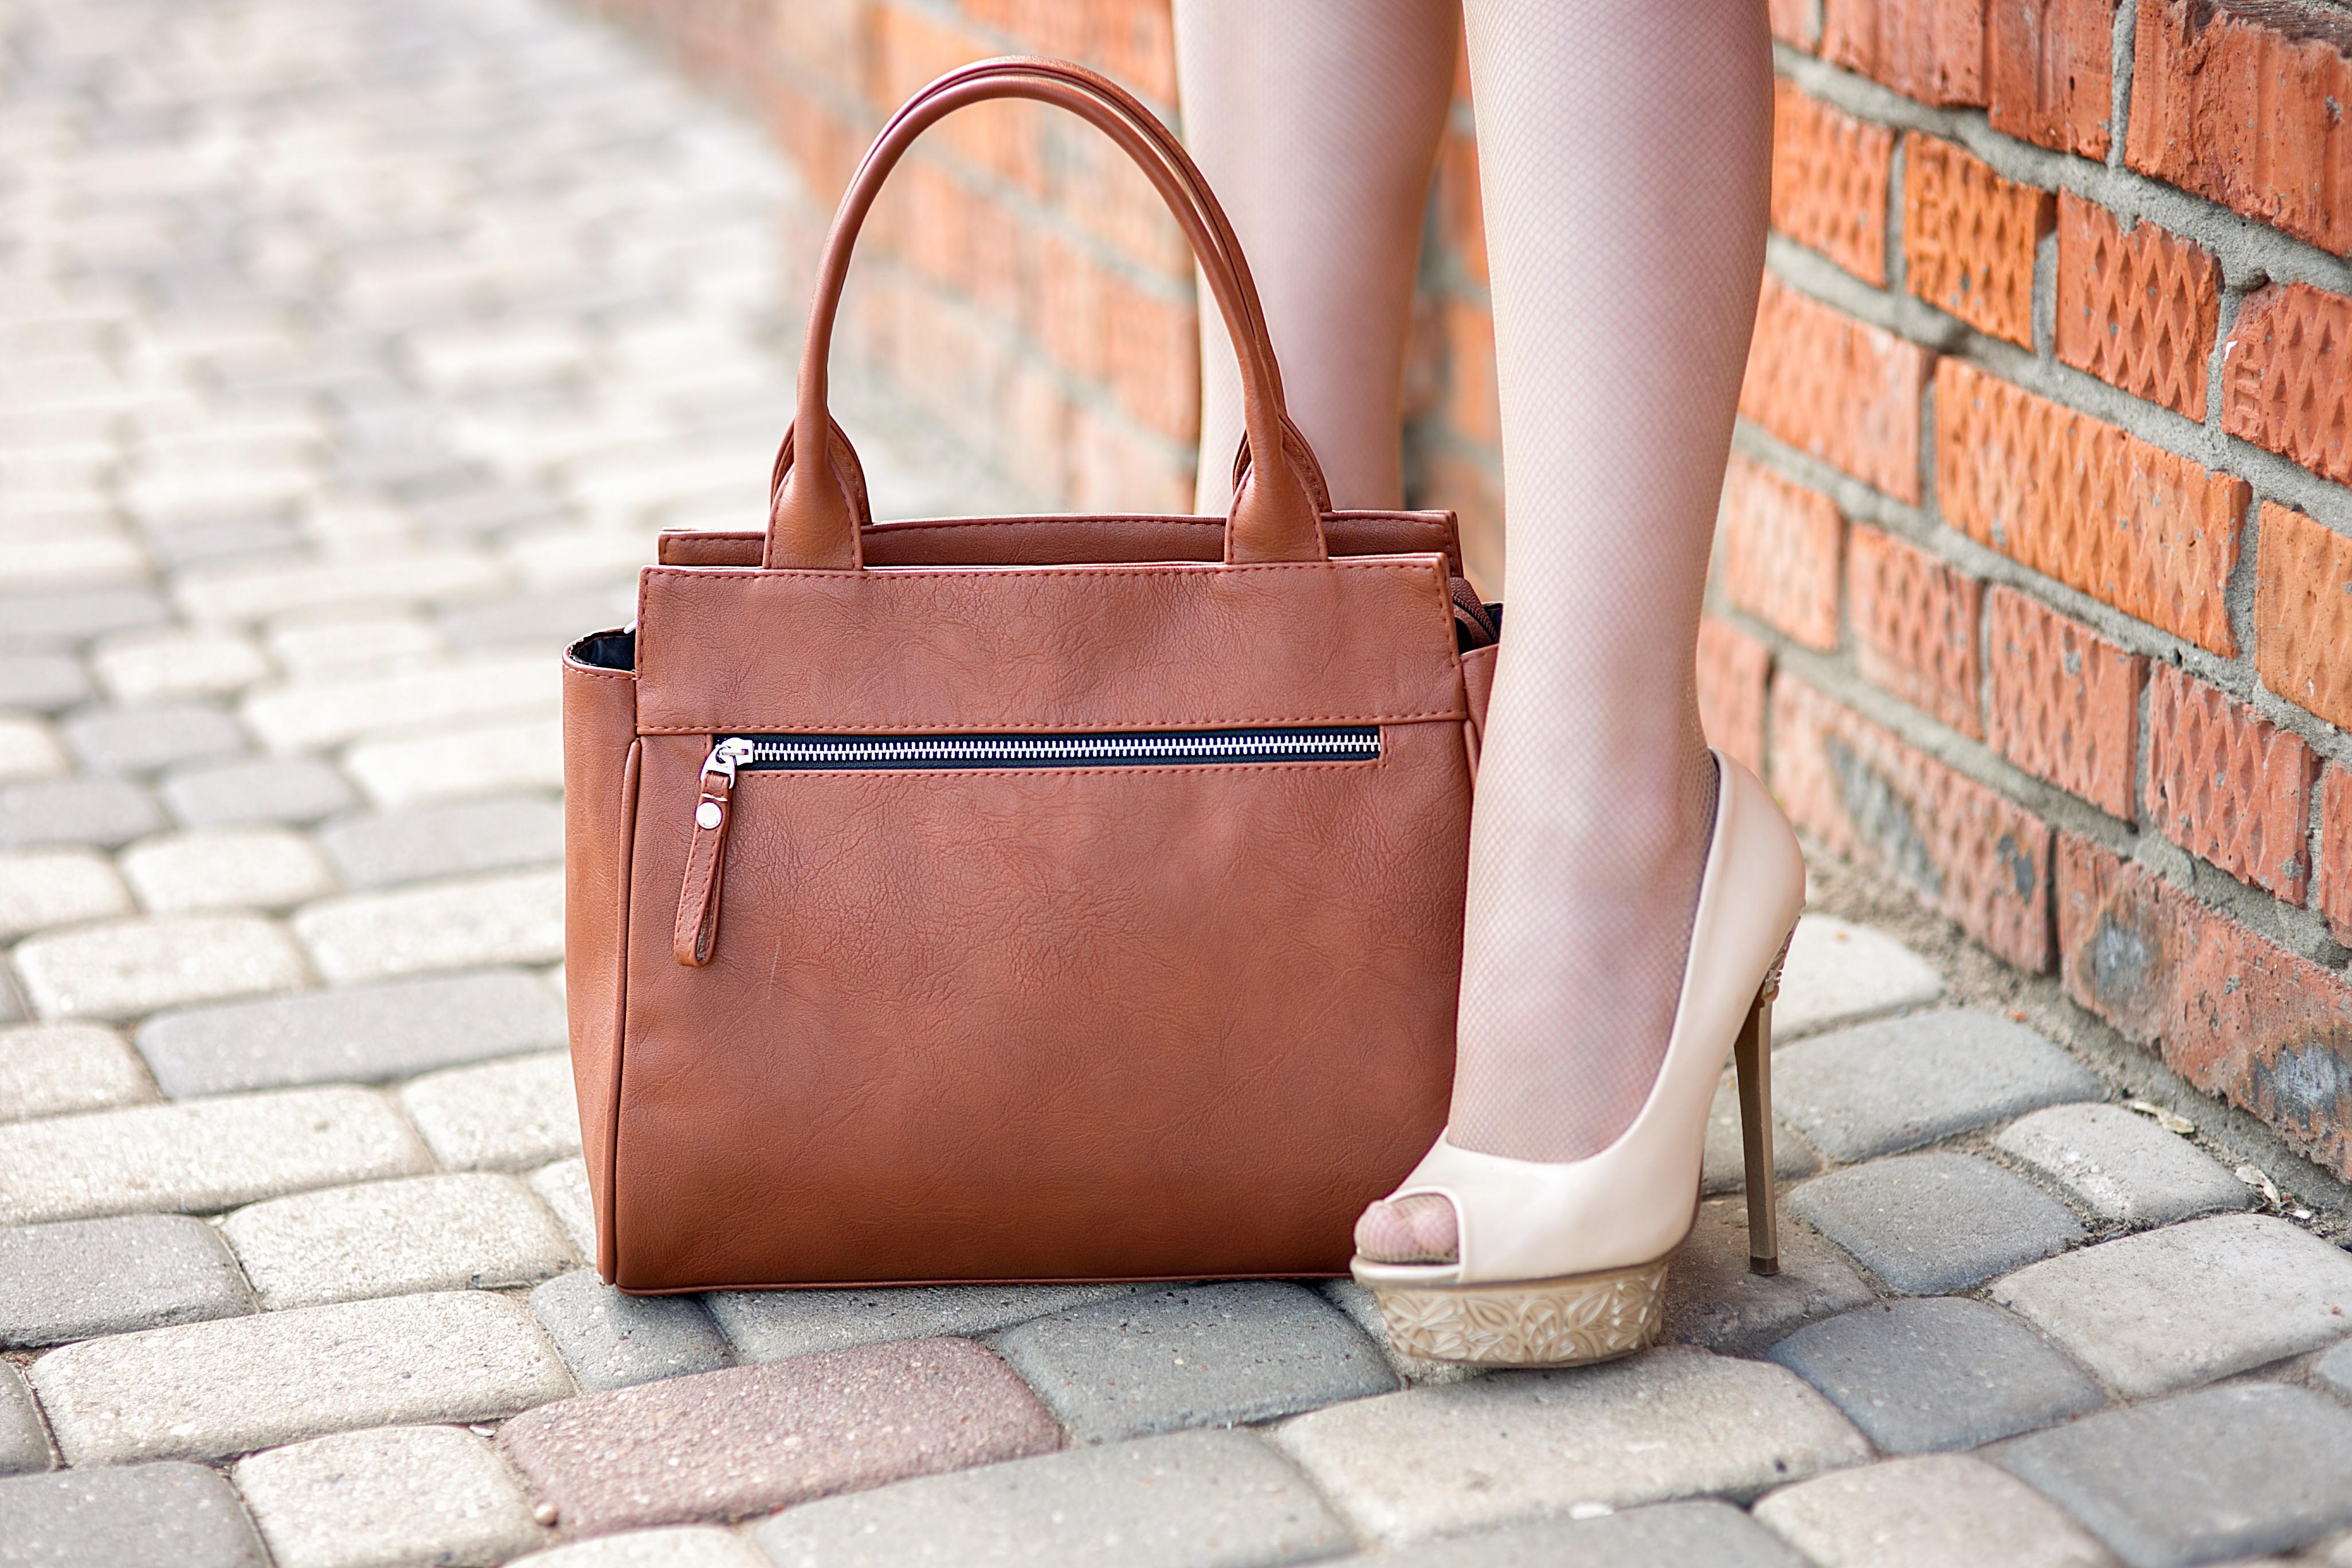 Сбор заказов. Фабричные сумочки от российского производителя Osso! Низкие цены! Летние новинки уже в галерее! Огромный